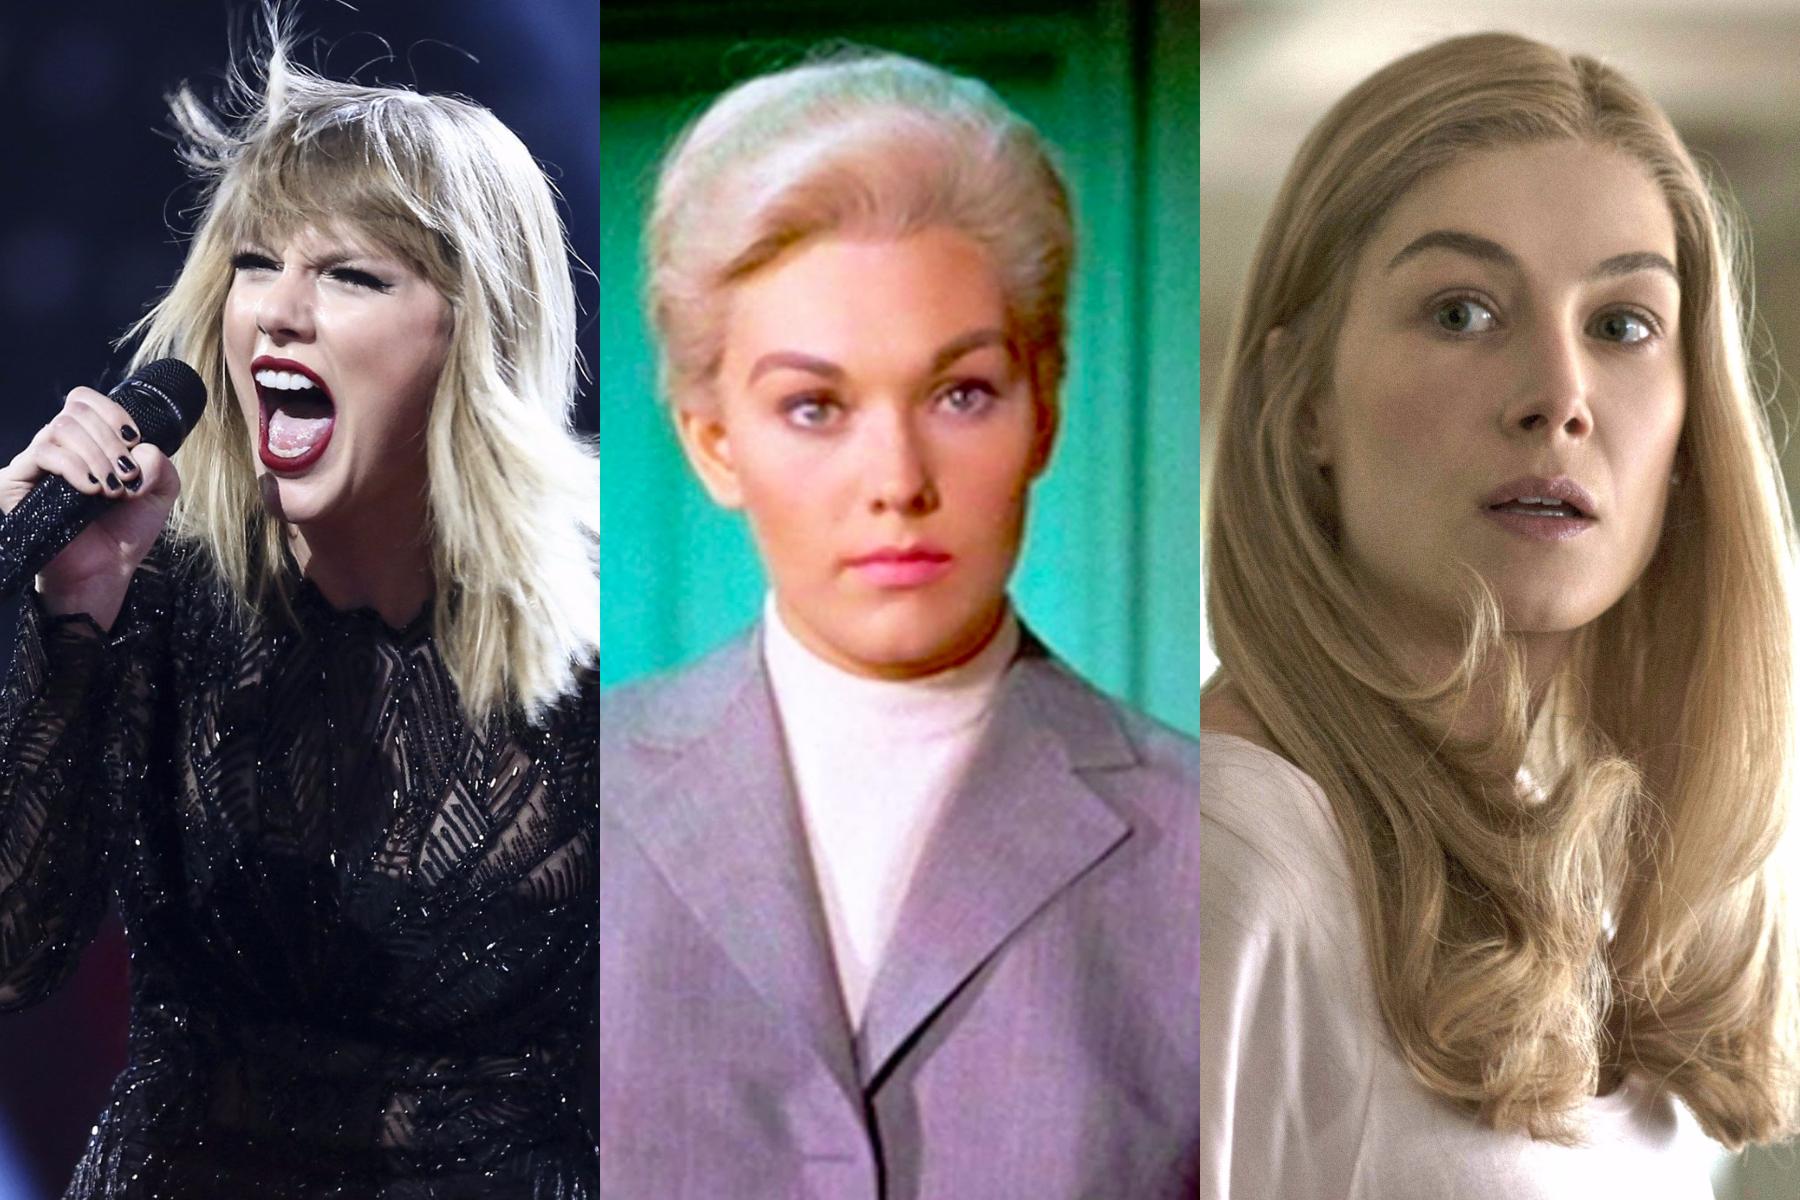 Taylor Swift, Kim Novak in Vertigo, and Rosamund Pike in Gone Girl